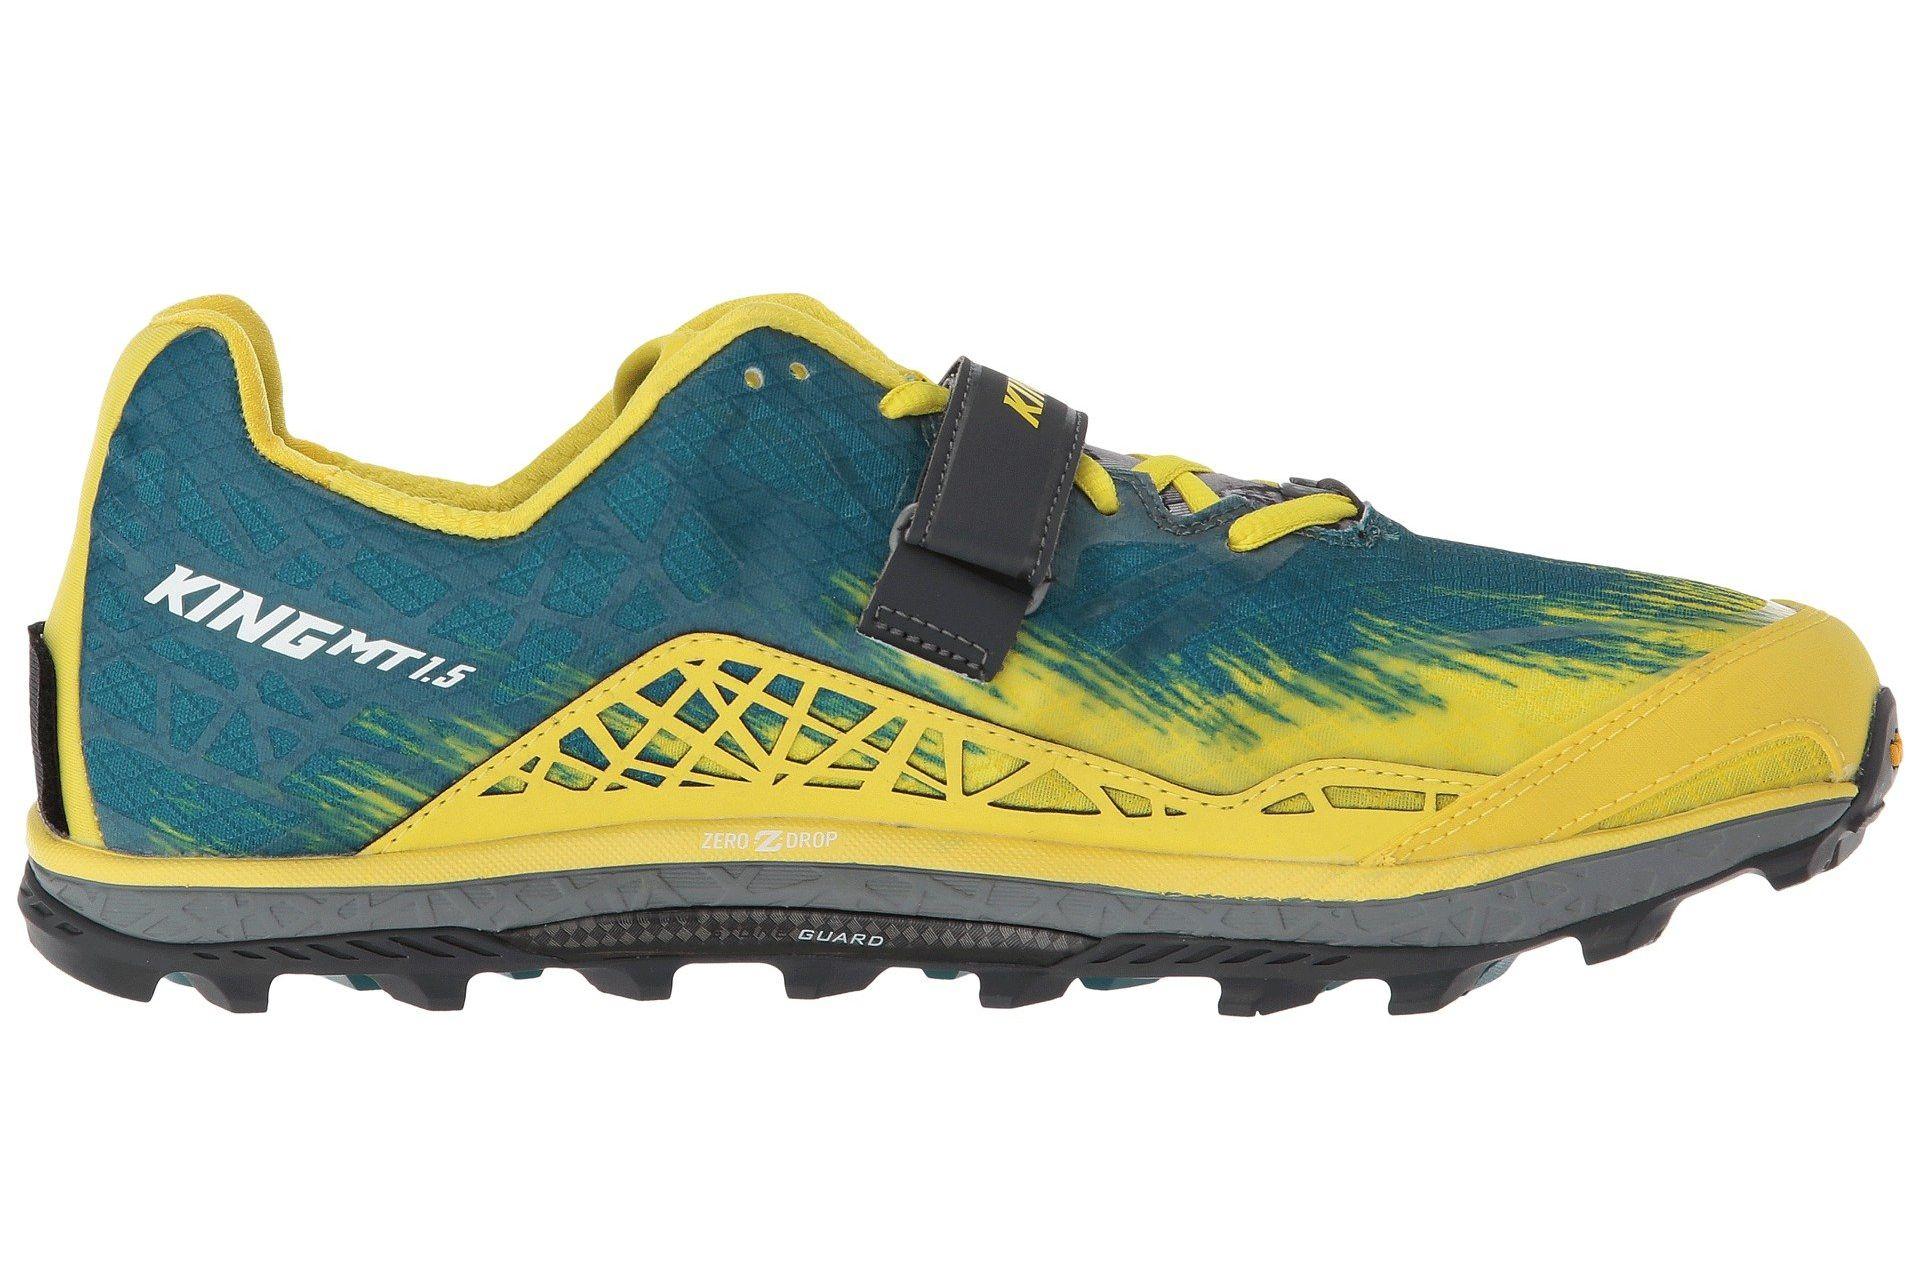 11c25da16543f Best Winter Running Shoes